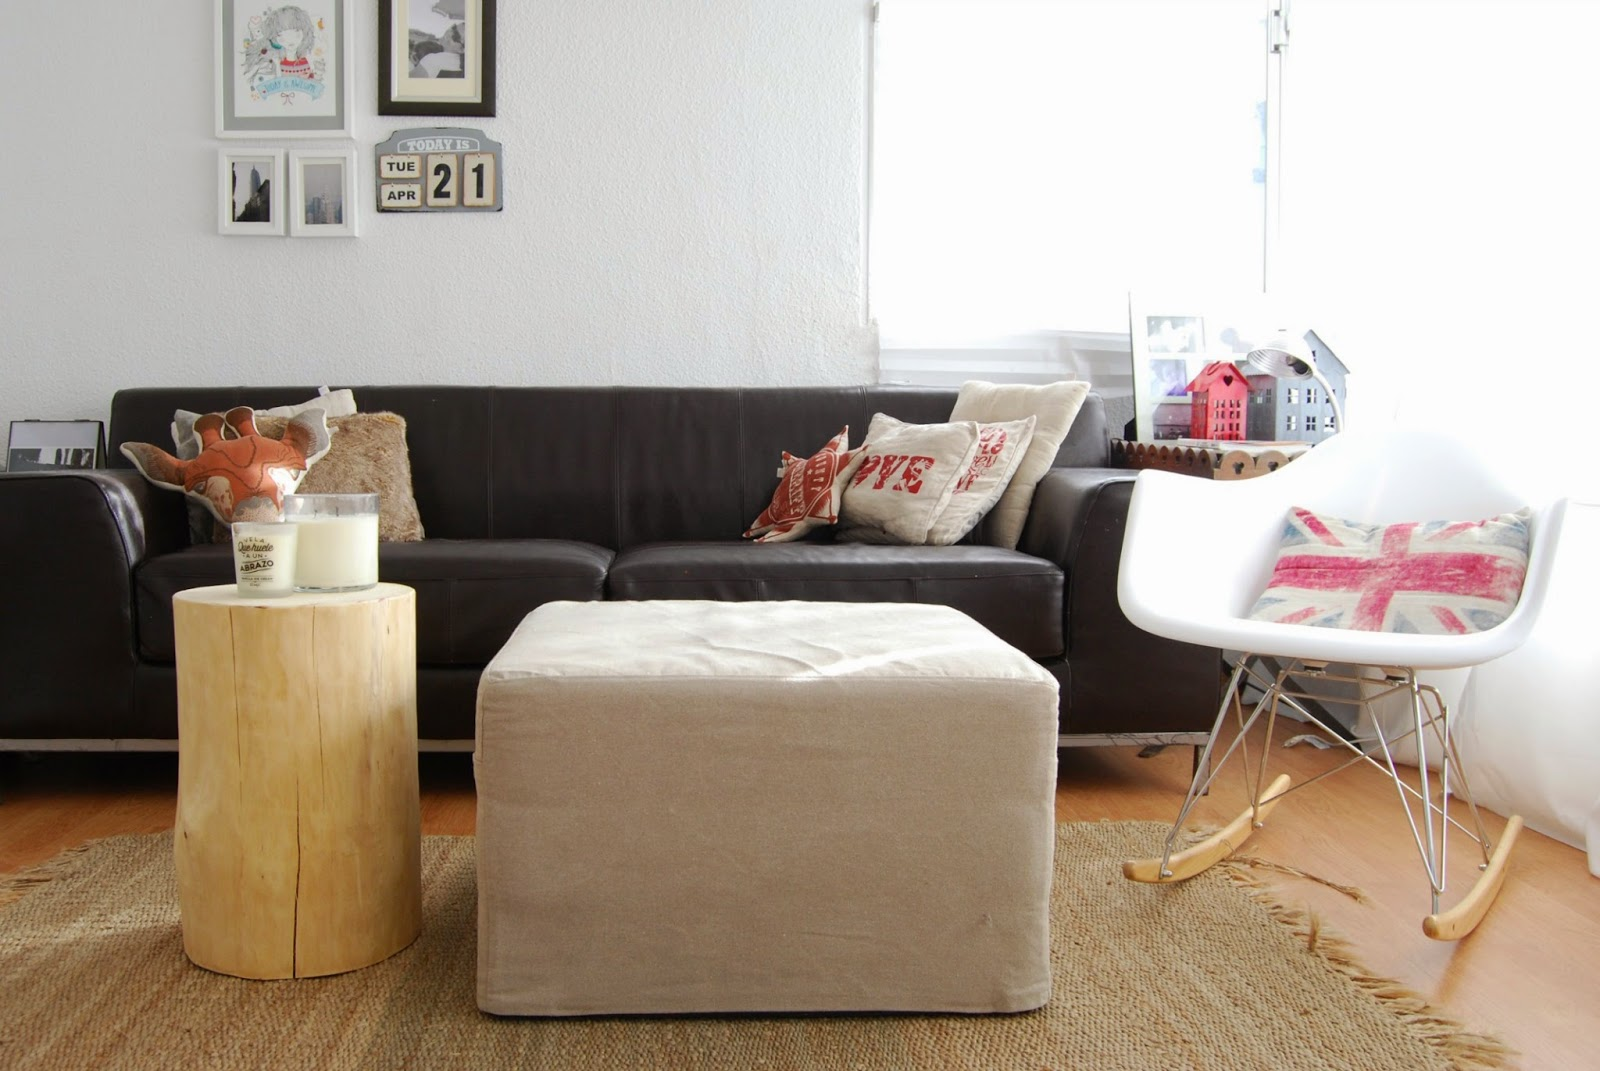 Alguien Sabe Qu Es La Mirra Blog Muebles Lufe # Muebles De Madera Sostenible